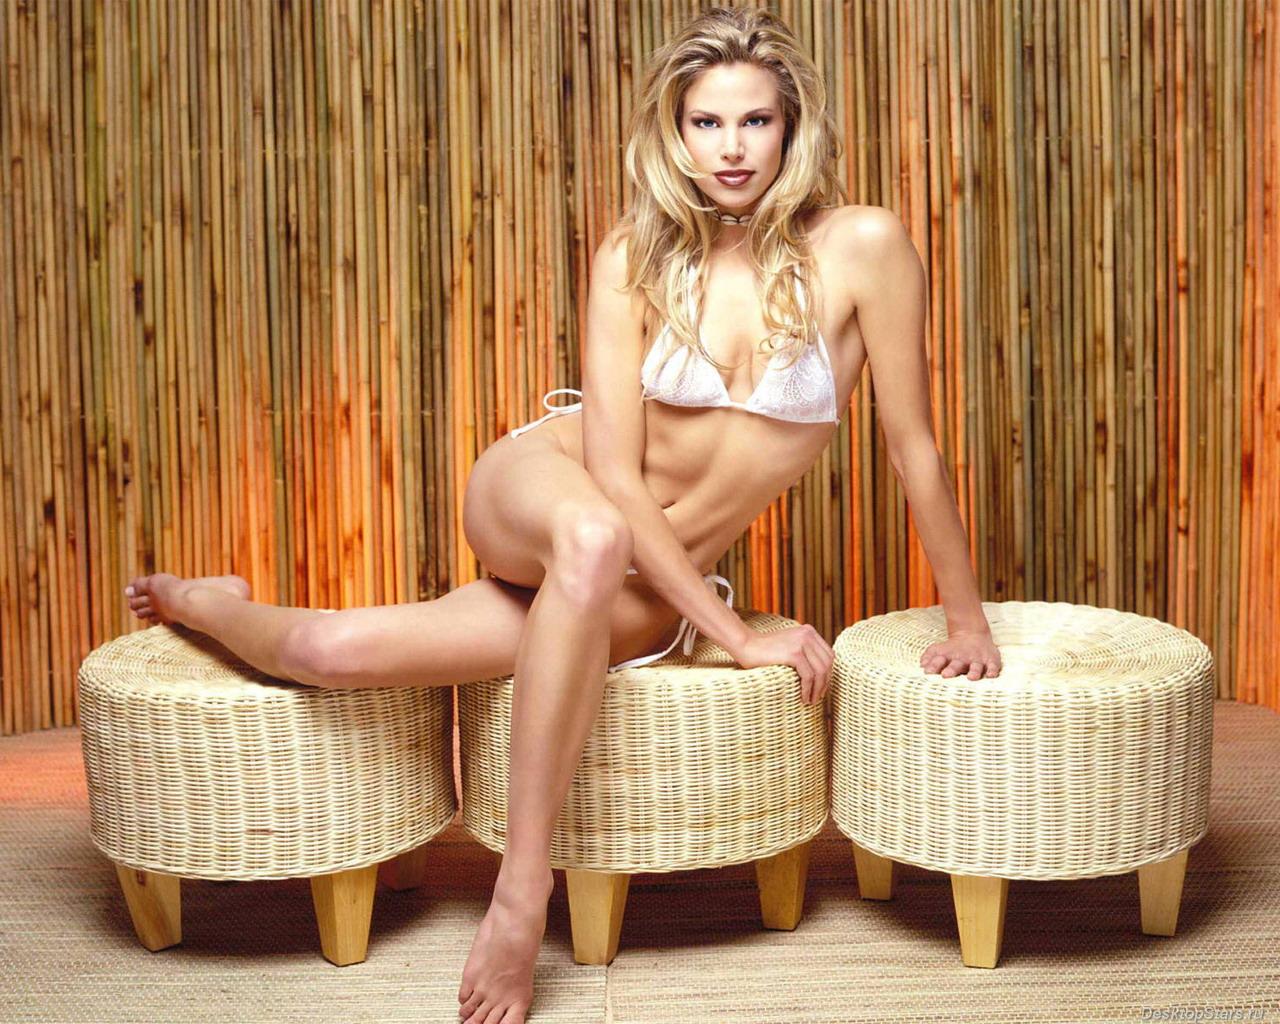 Brooke Burns Topless lifestyle photos: brooke burns hot